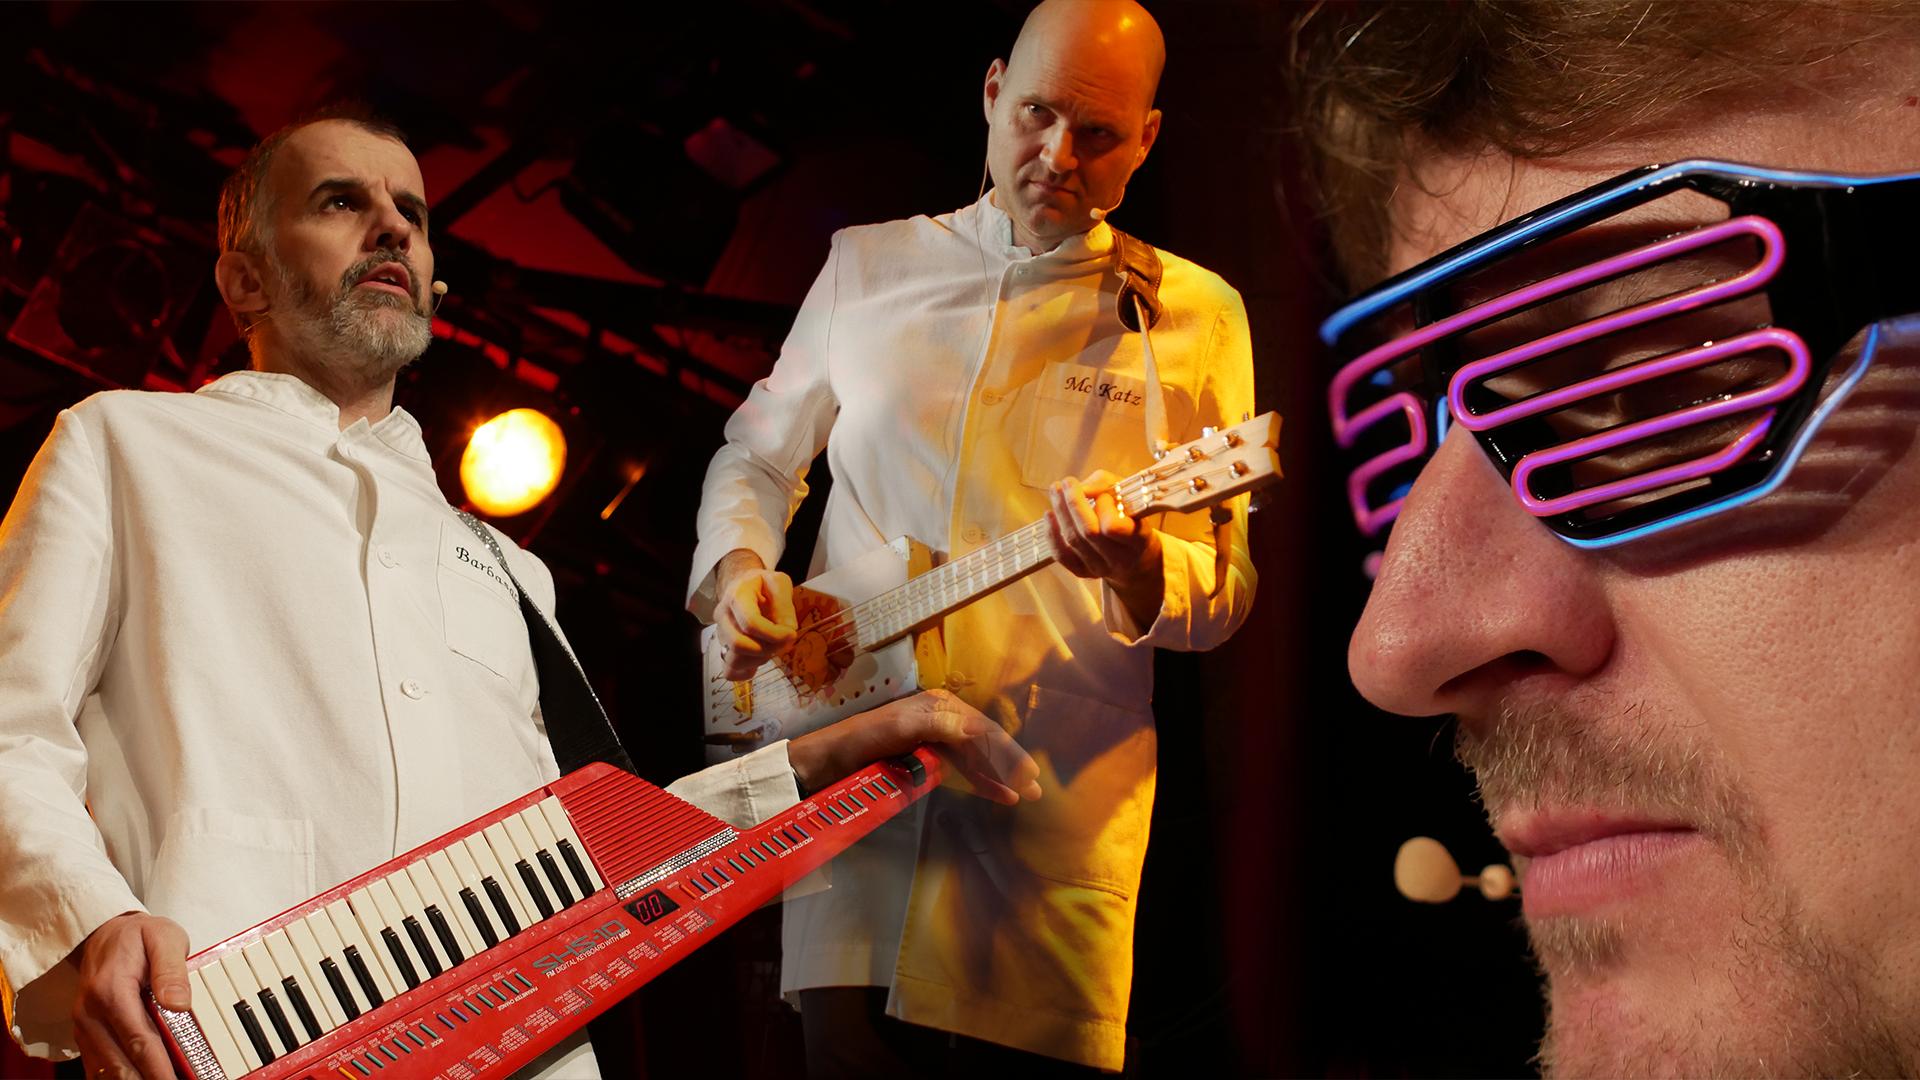 Die drei Friseure mit dem Bügelbrett - Vorarlberger Musik Kabarettisten auf Russland-Tour